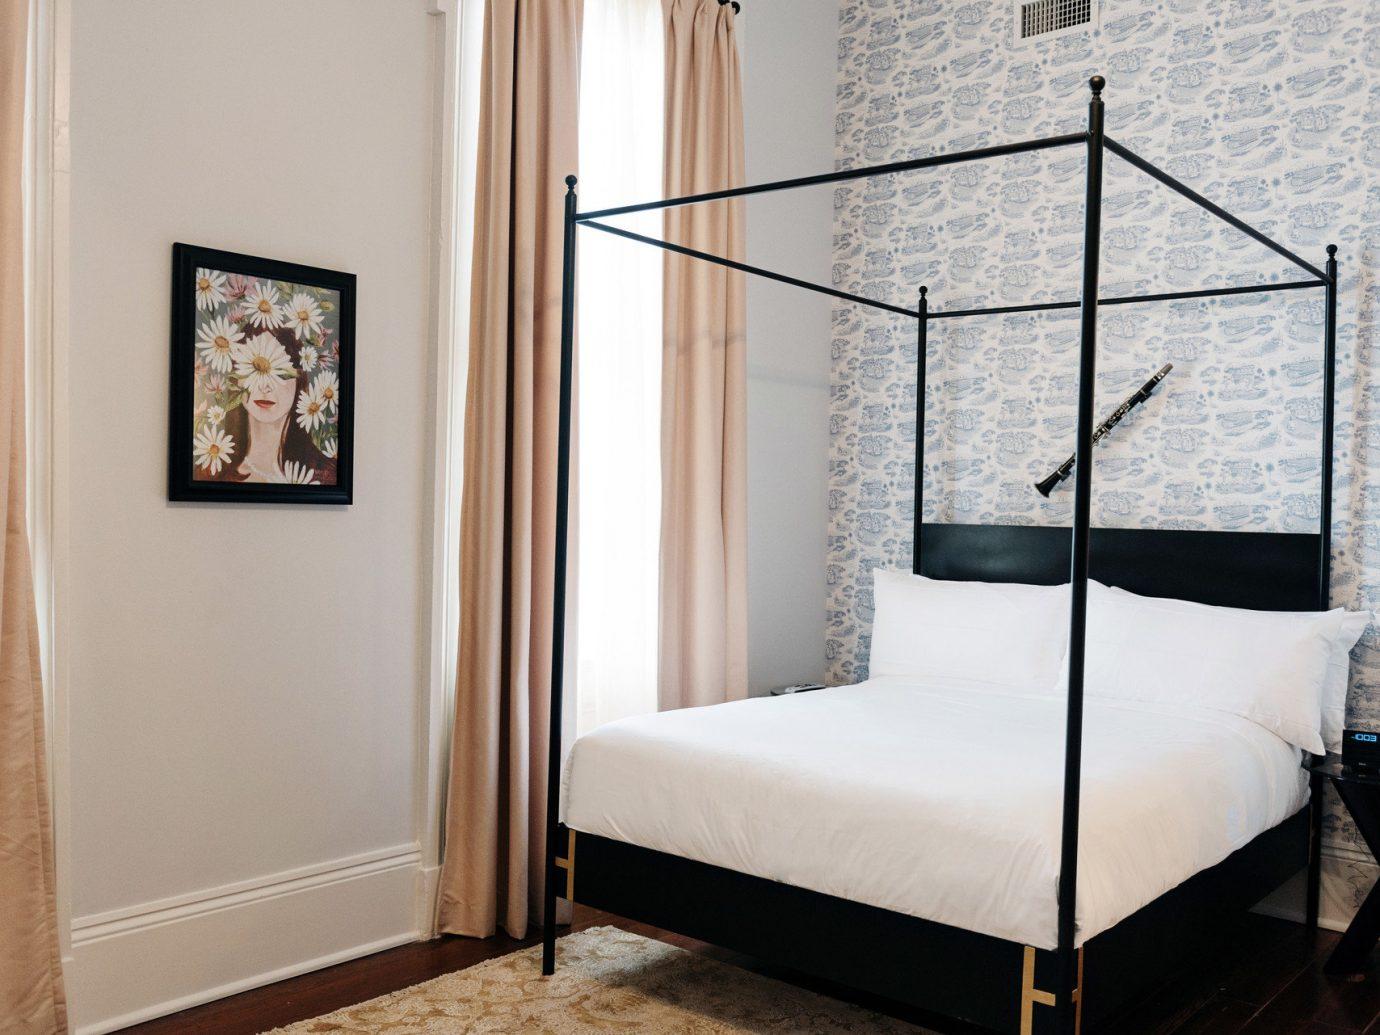 Girls Getaways New Orleans Trip Ideas Weekend Getaways indoor wall floor bed room furniture Bedroom interior design home wood Design window living room door cottage decorated